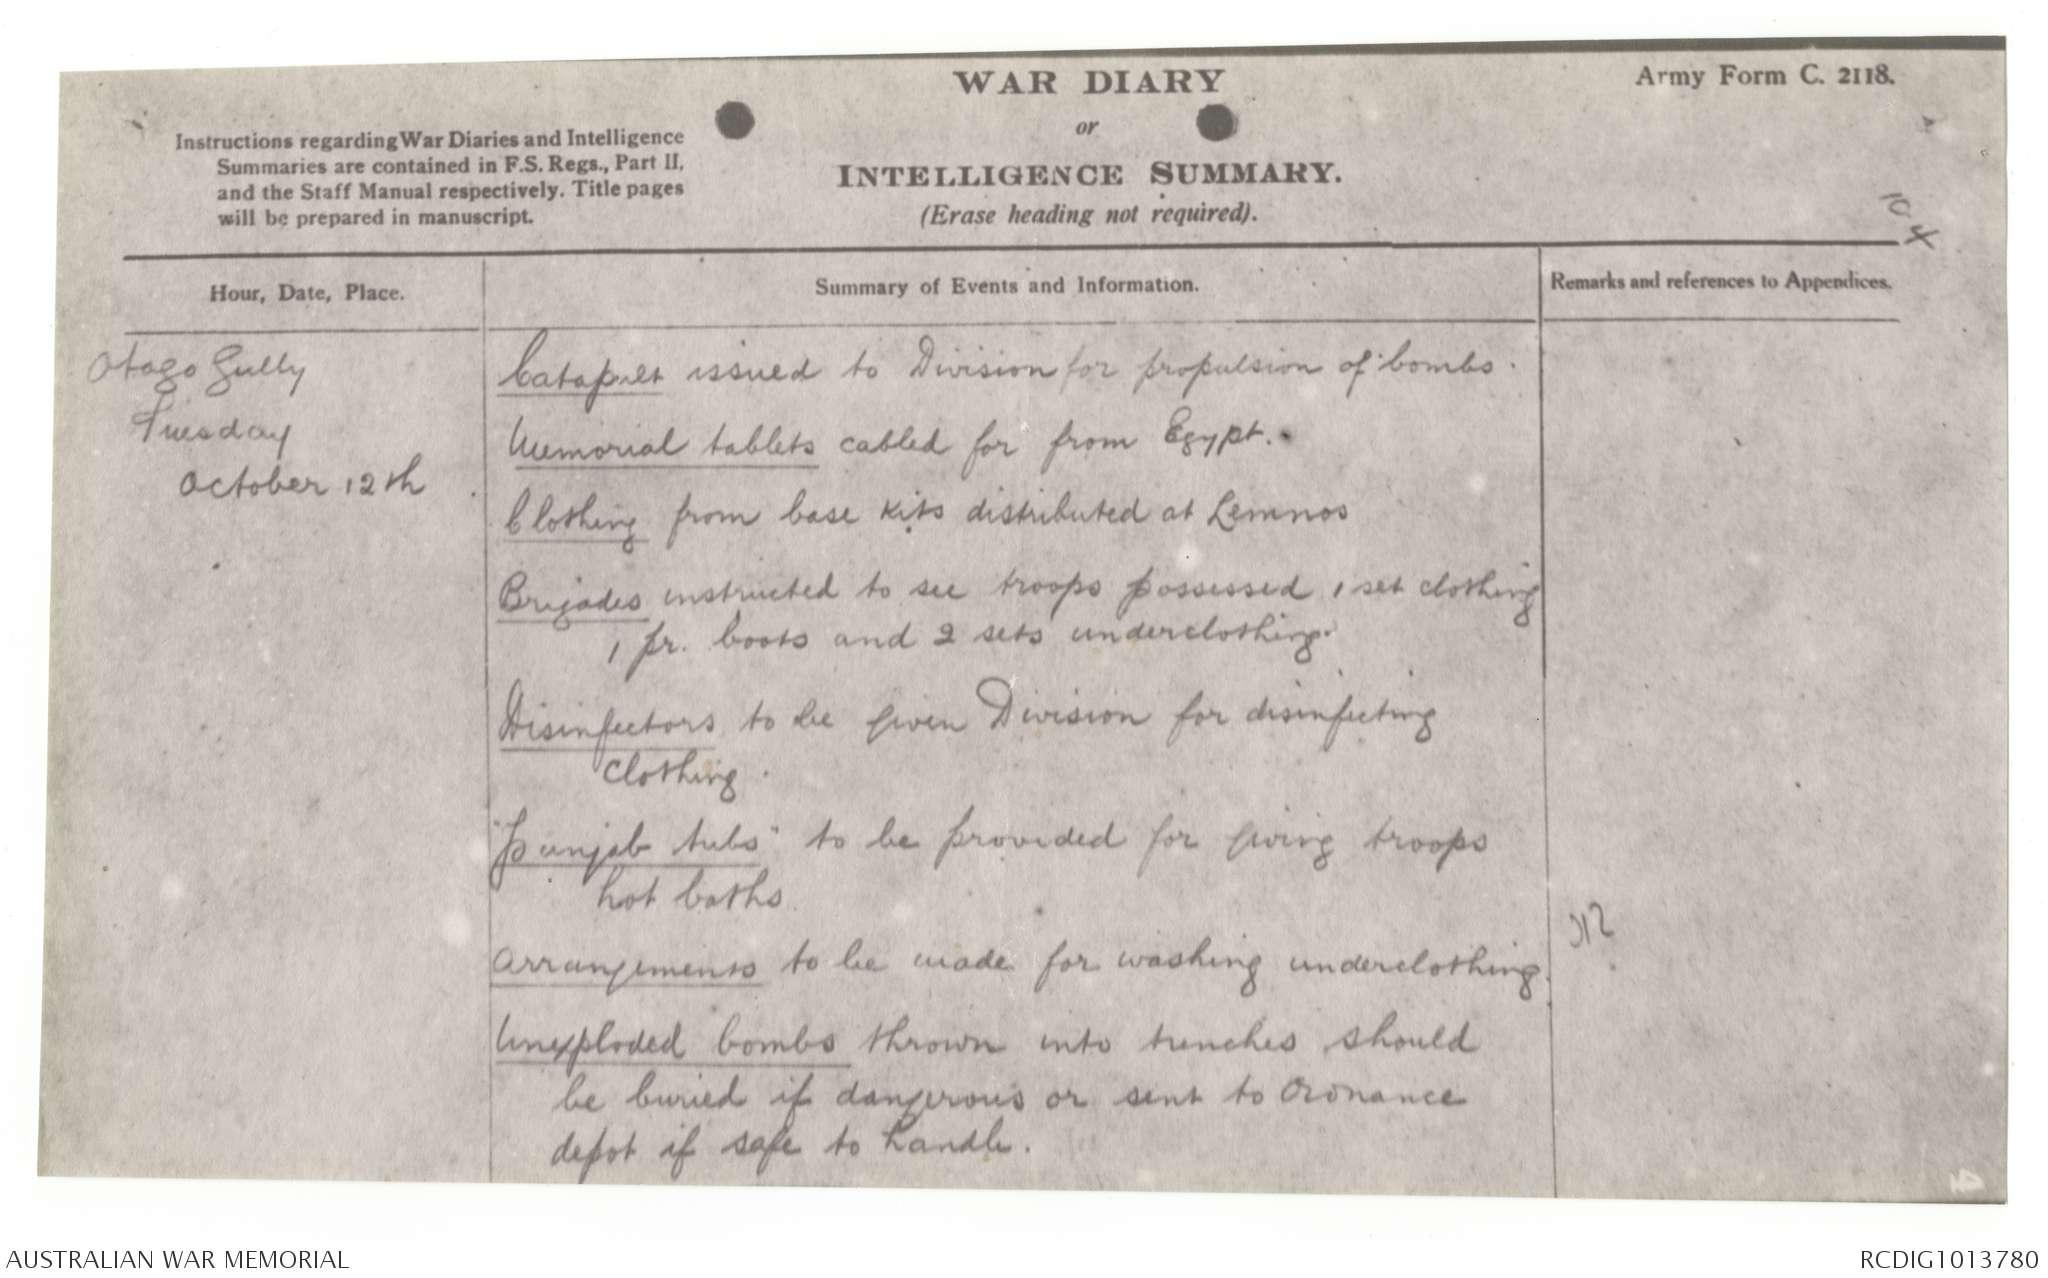 AWM4 1/55/7 - October 1915 | The Australian War Memorial